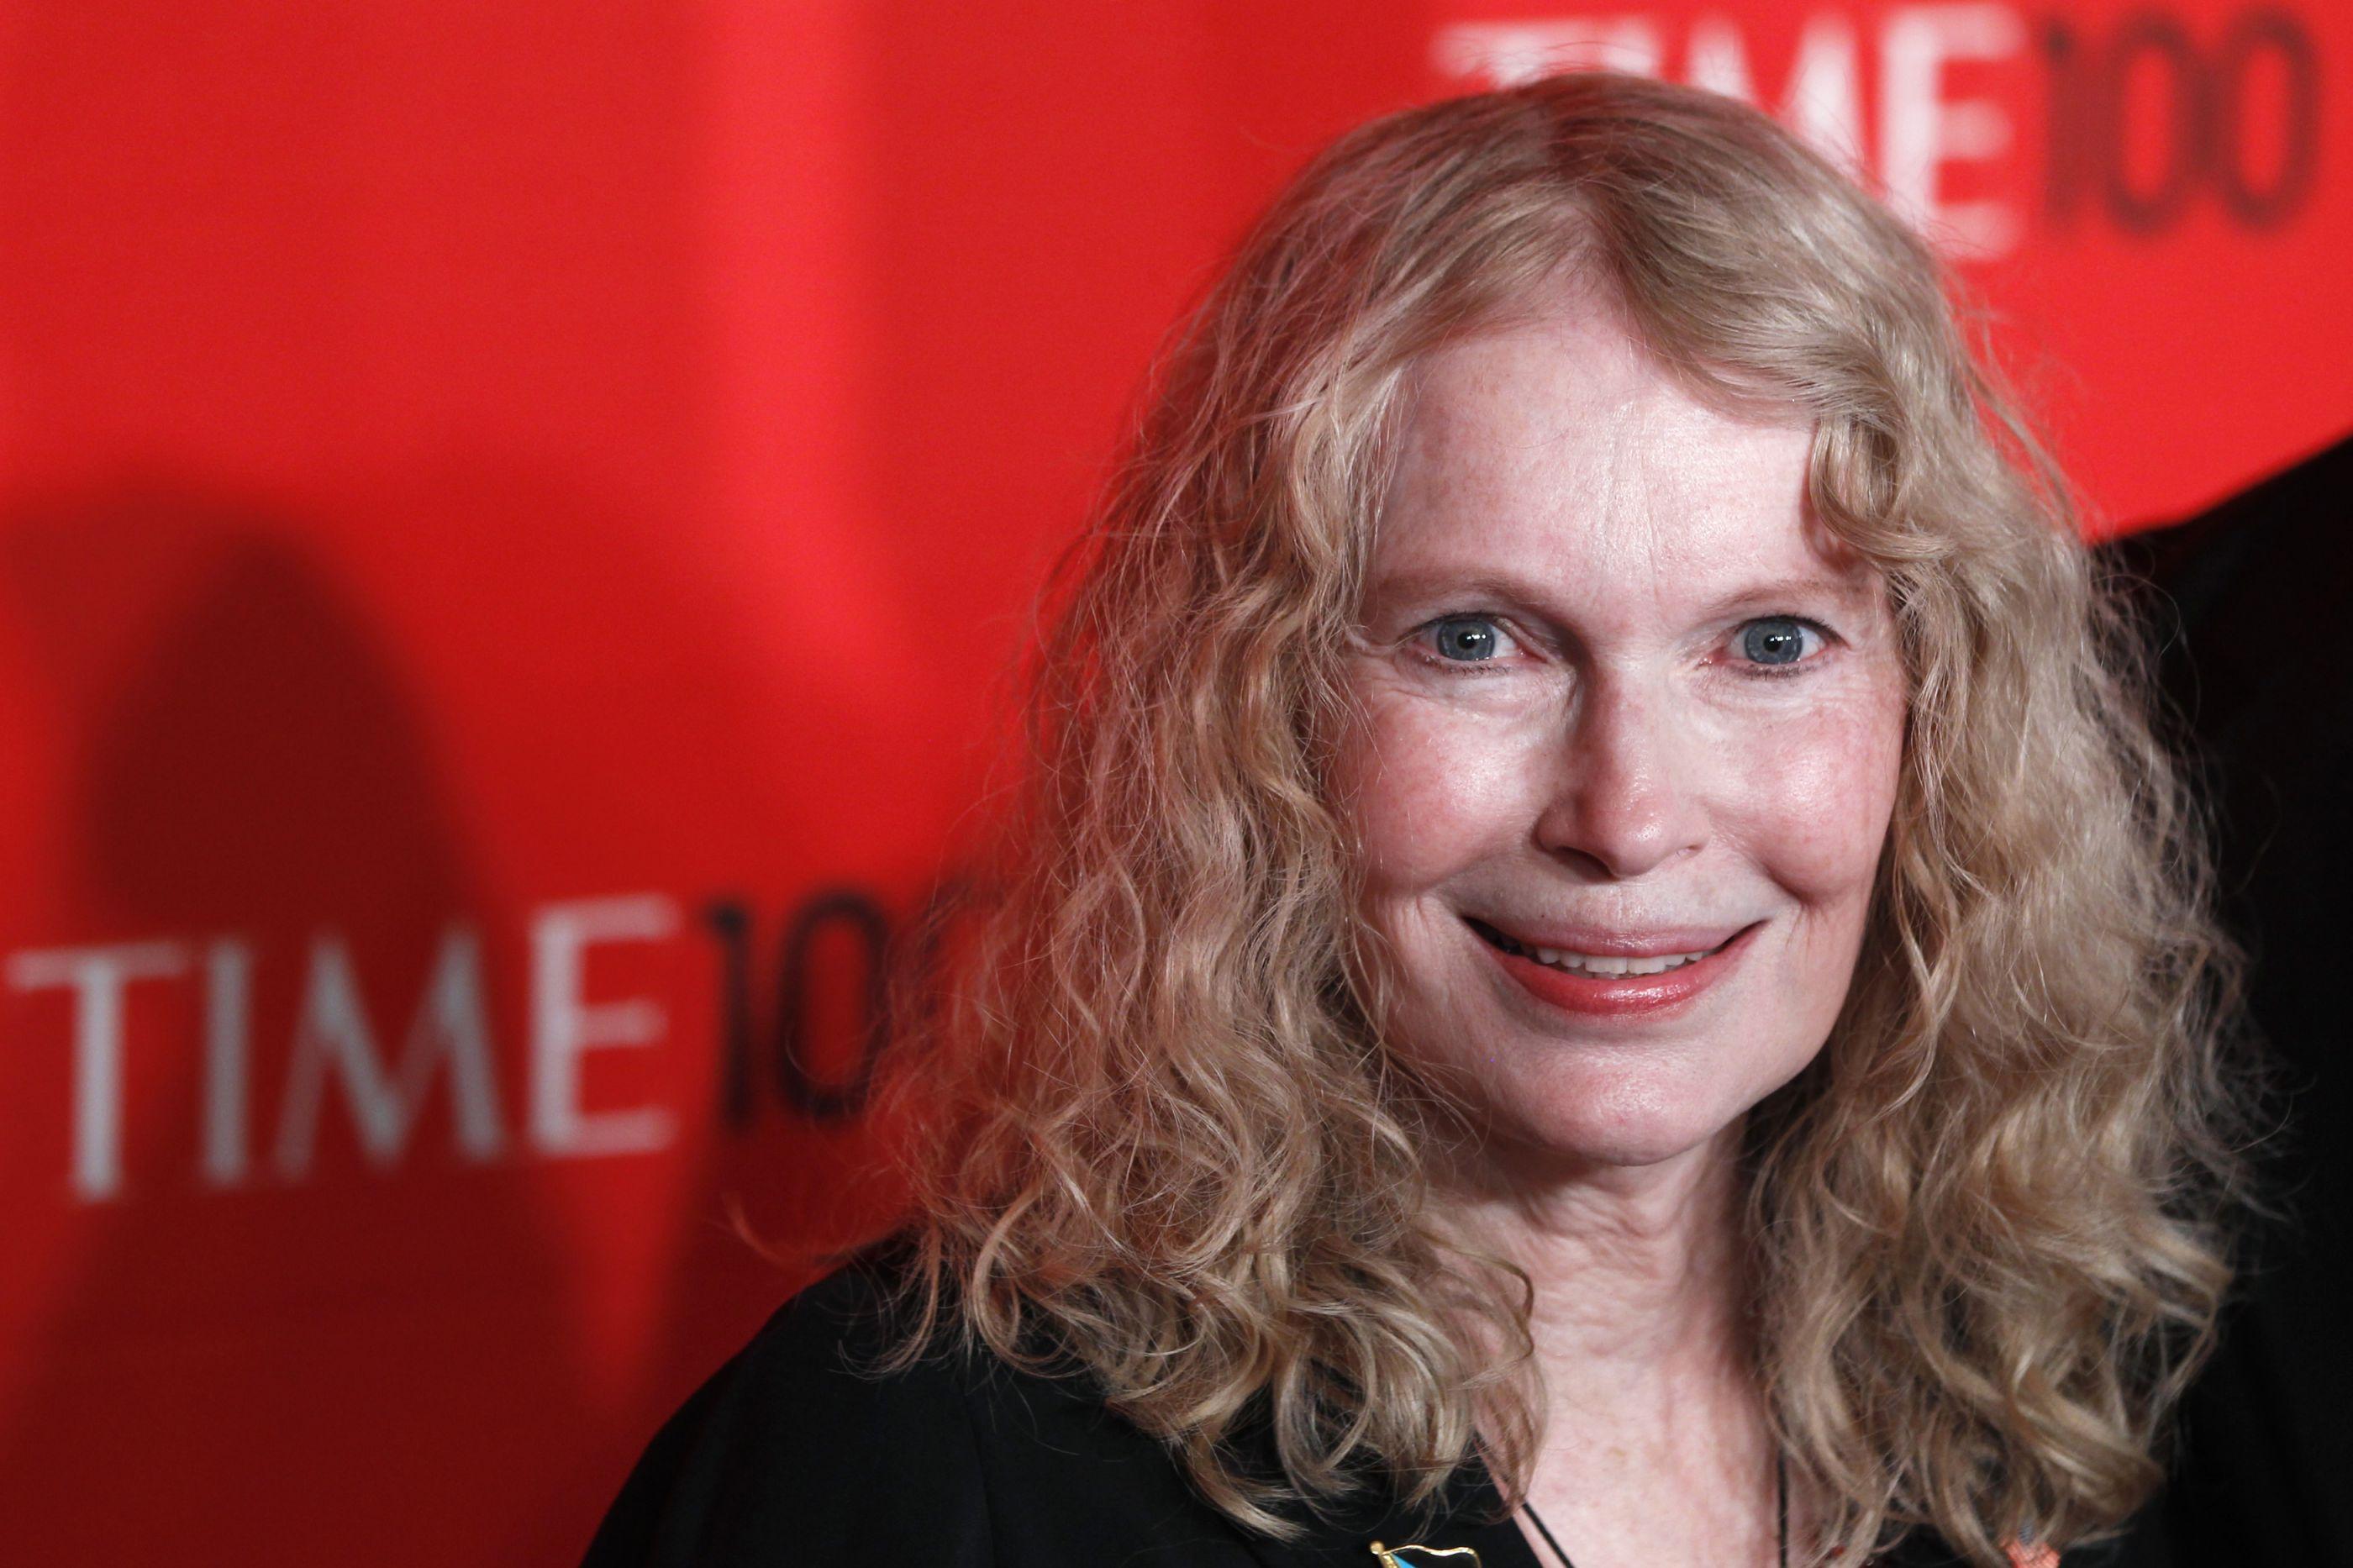 Revelados novos dados da morte do filho de Mia Farrow